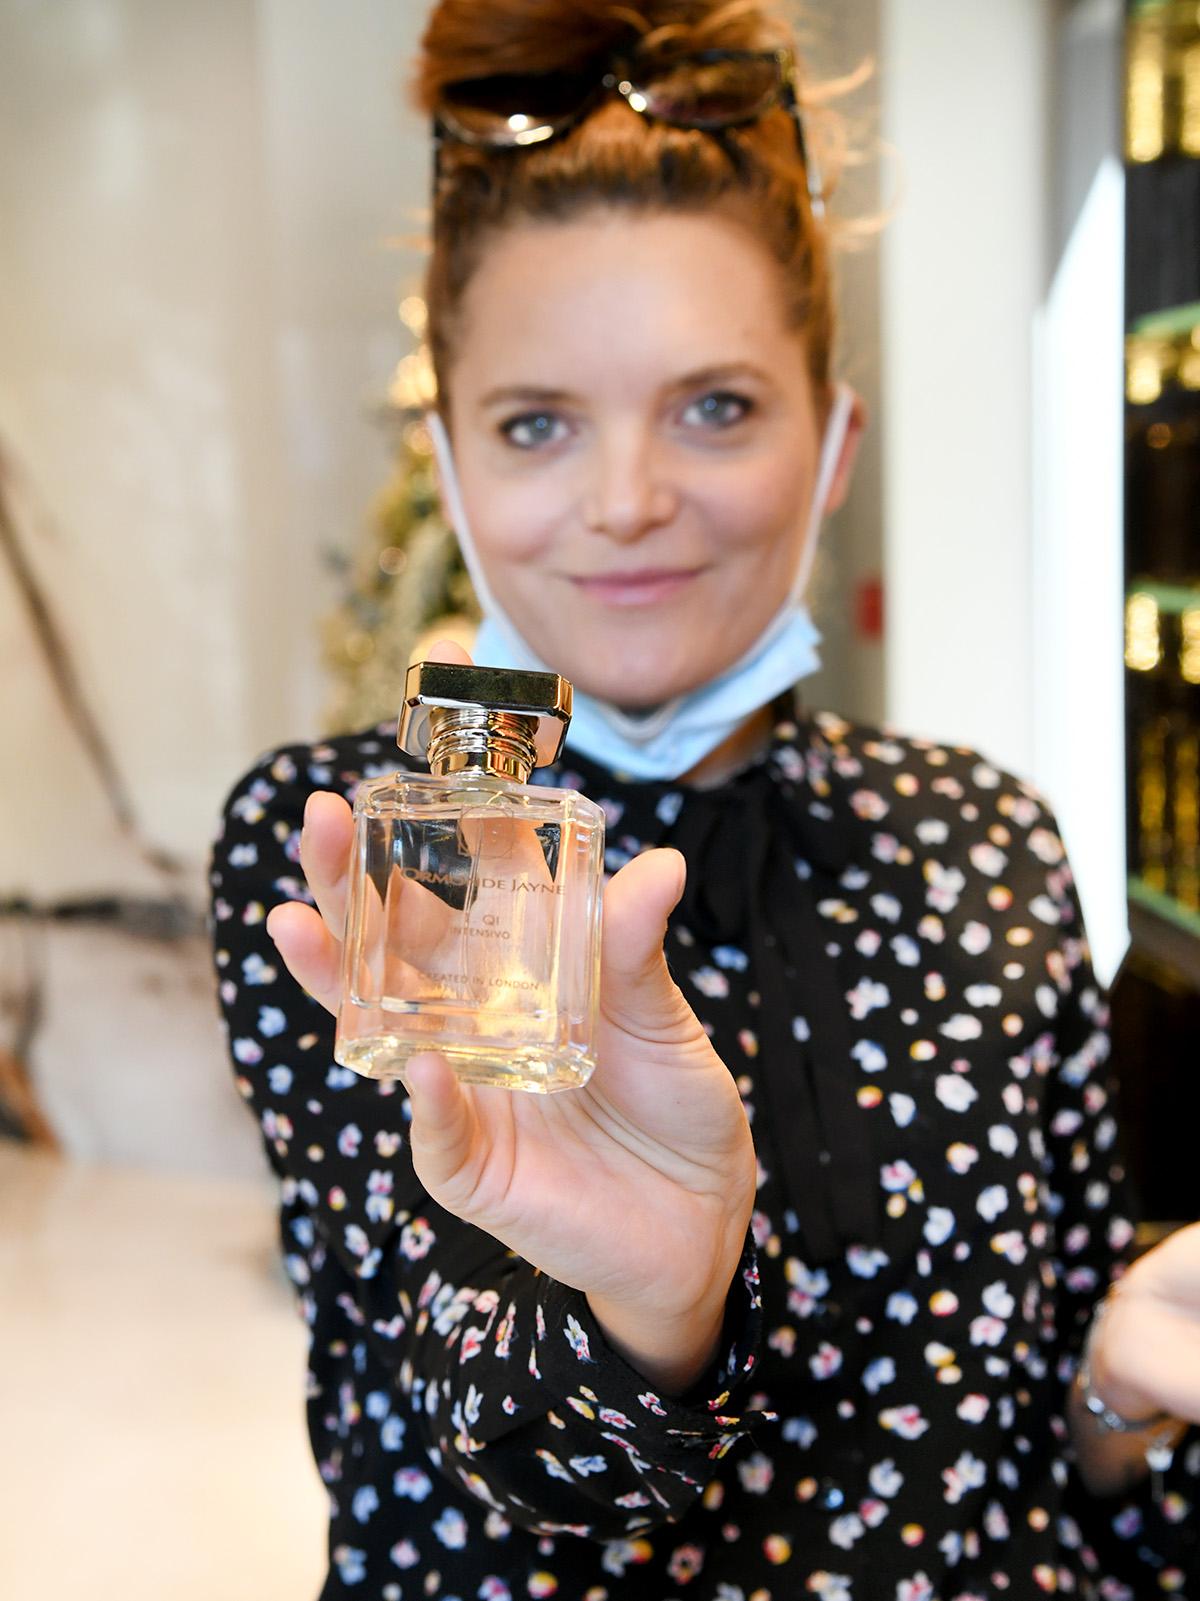 """Extravagant recenzije: """"U svakoj bočici parfema sadržan je cijeli svijet."""" Mi smo svoj svijet pronašle u Amber Niche Store-u!"""